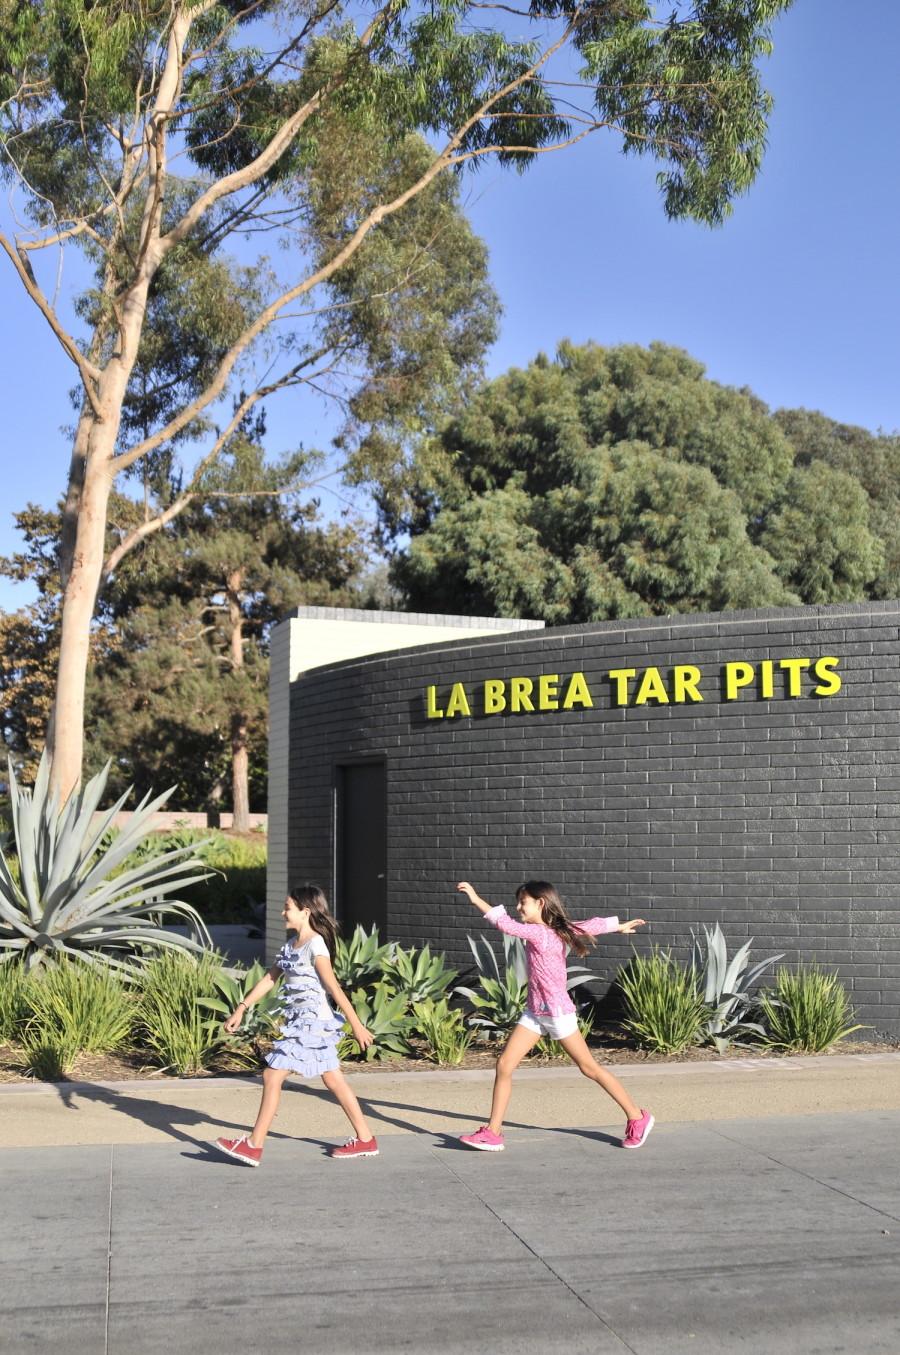 Walking_TarPits_kids_lacma_free_LA-900x1355.jpg